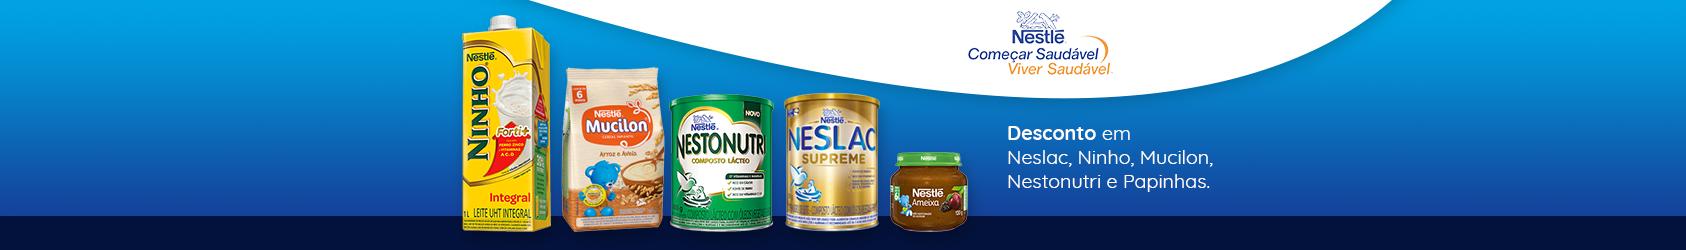 Nestlé - Começar Saudável